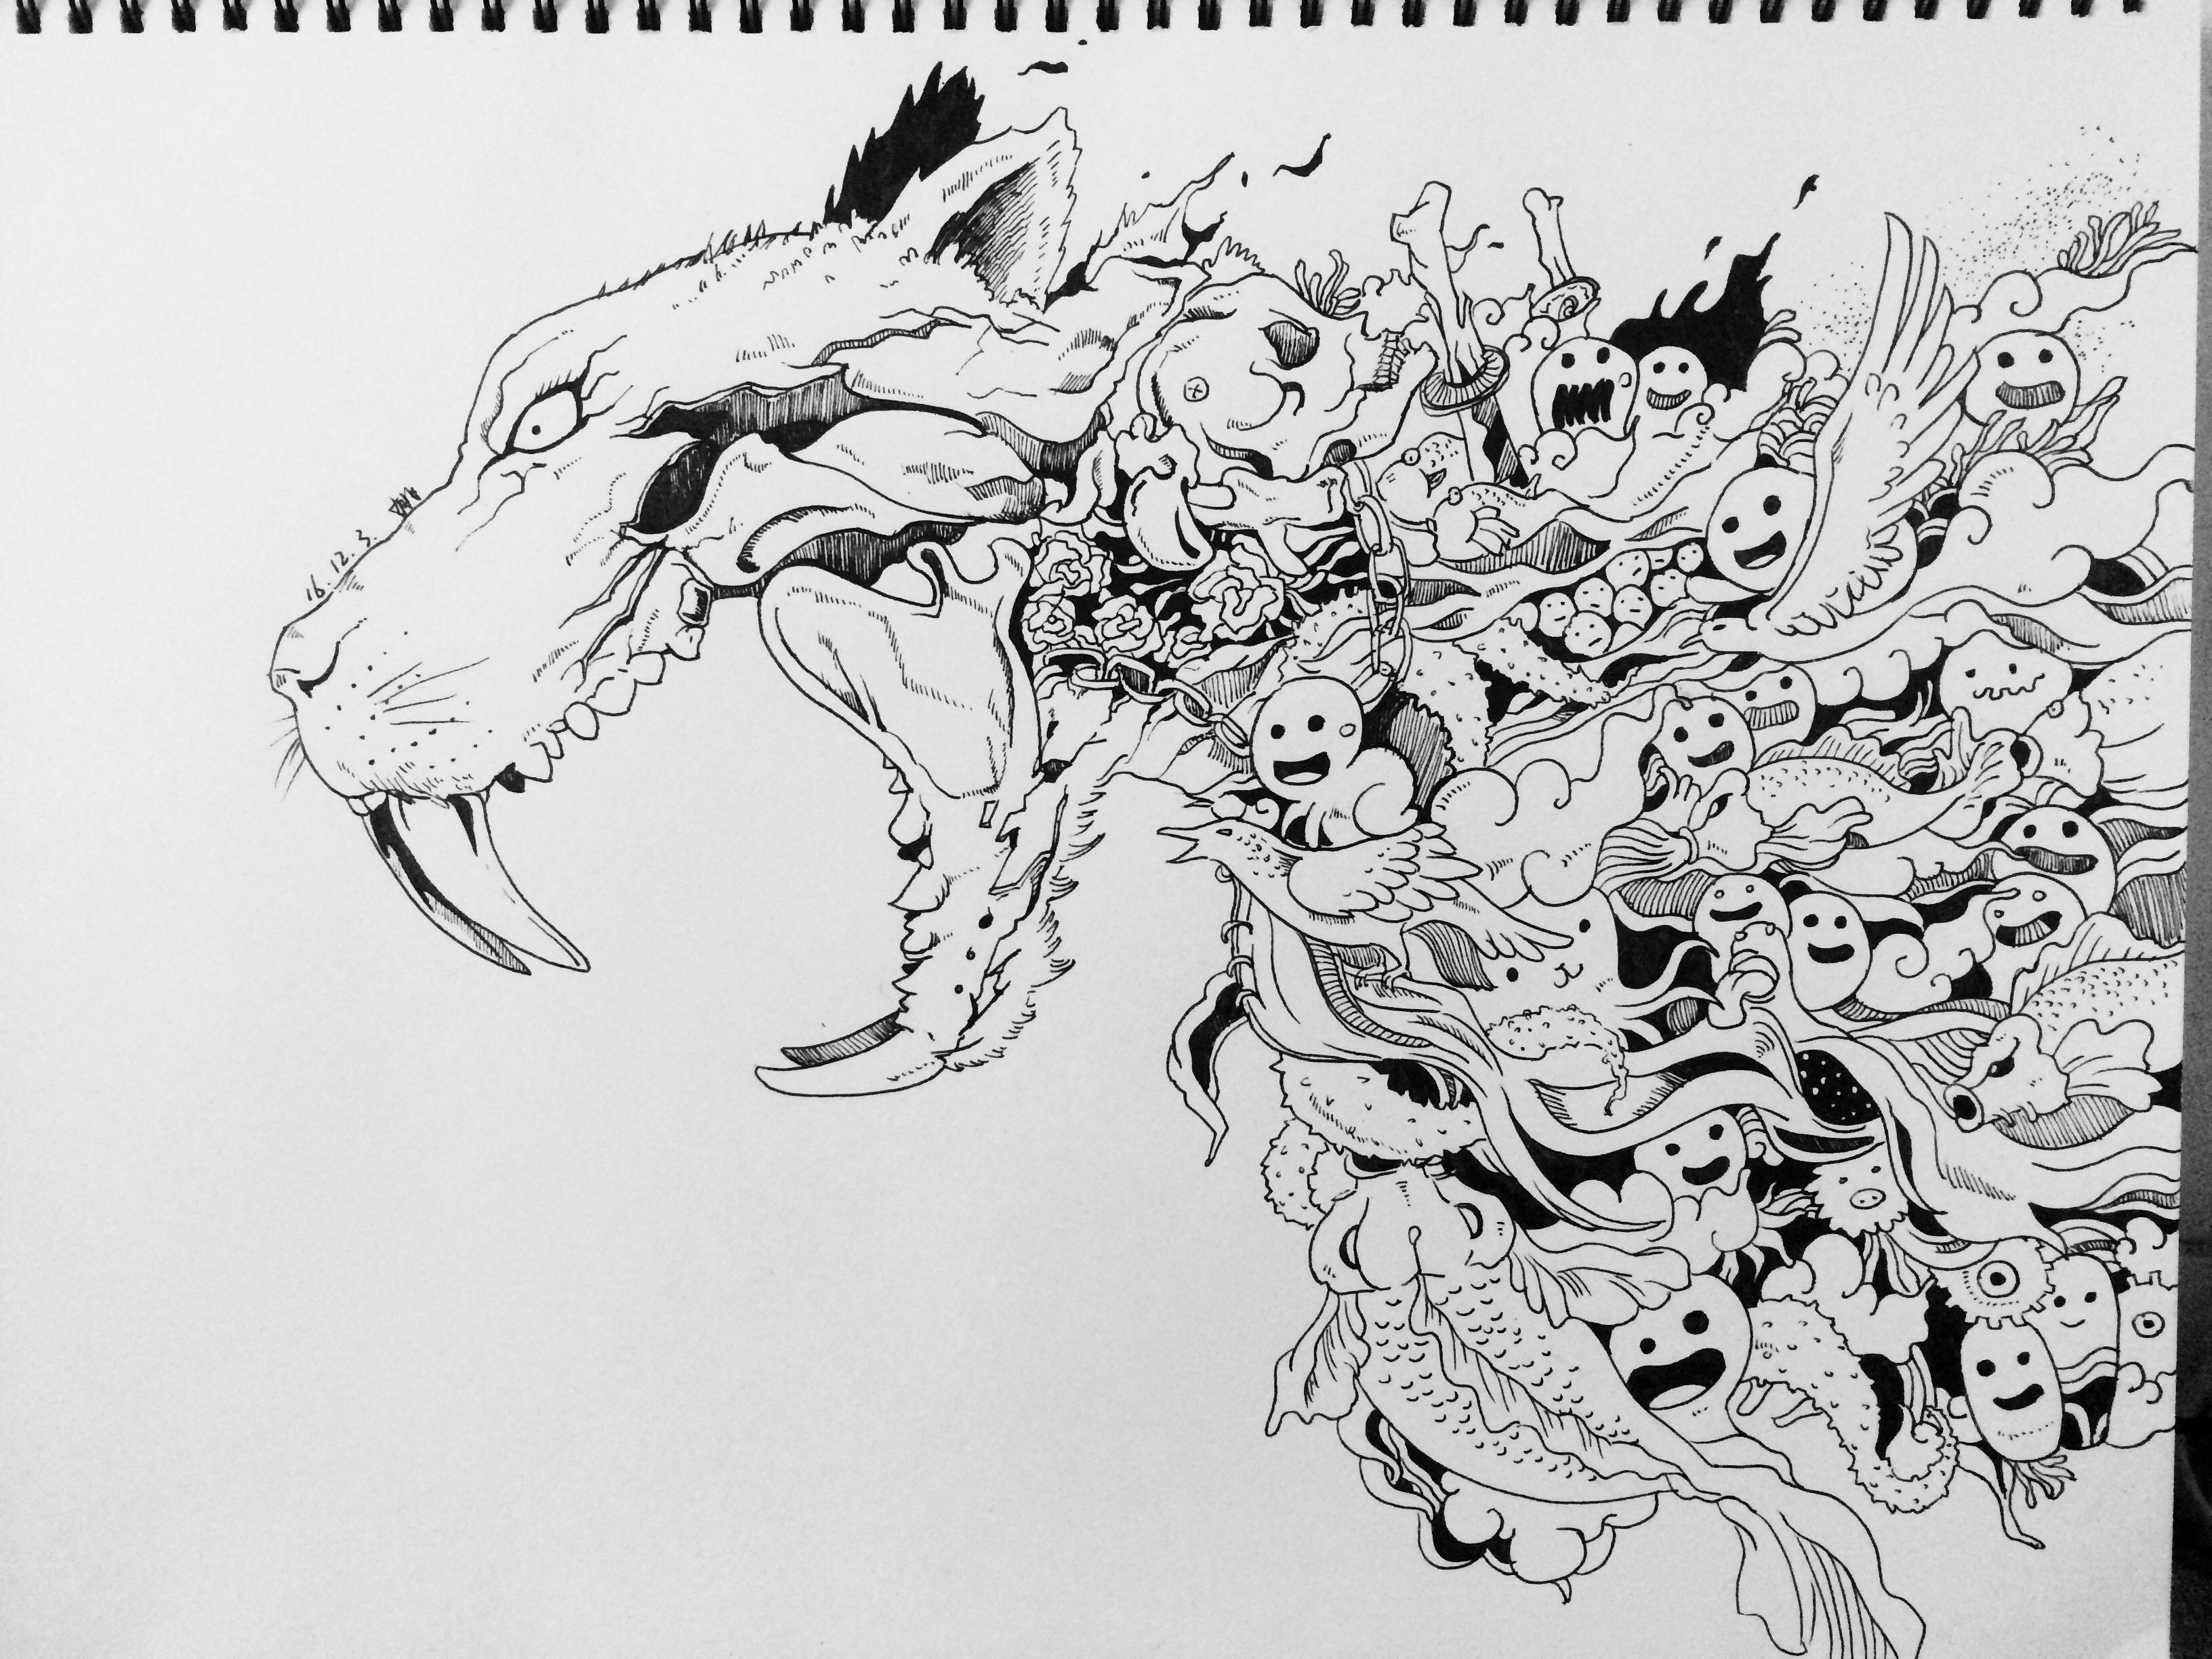 手绘线稿练习(二) 插画 插画习作 烟烟罗yy - 原创